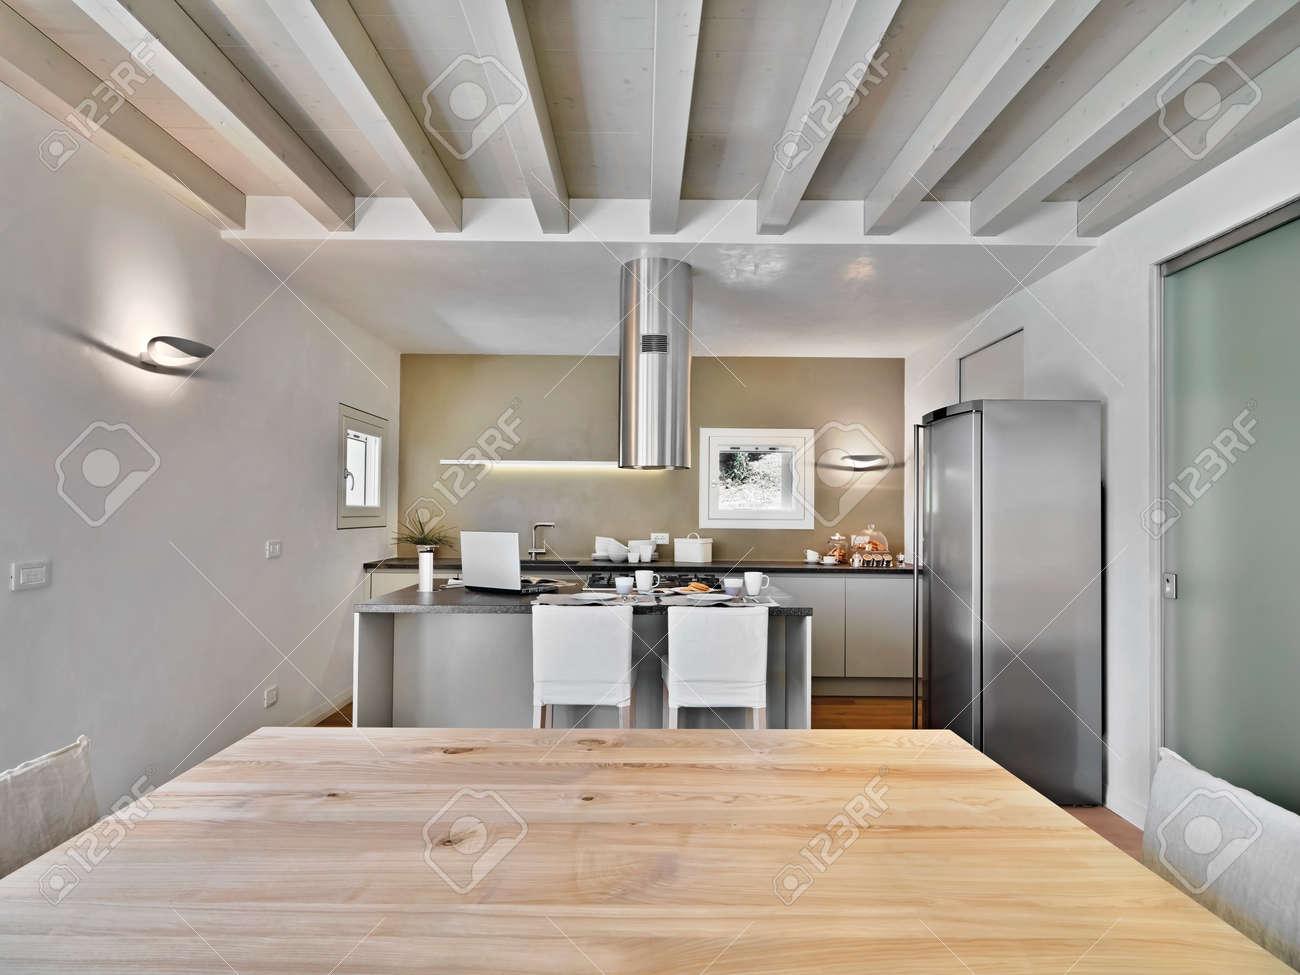 Vue De Lintérieur Dune Cuisine Moderne Avec Plafond En Bois Et